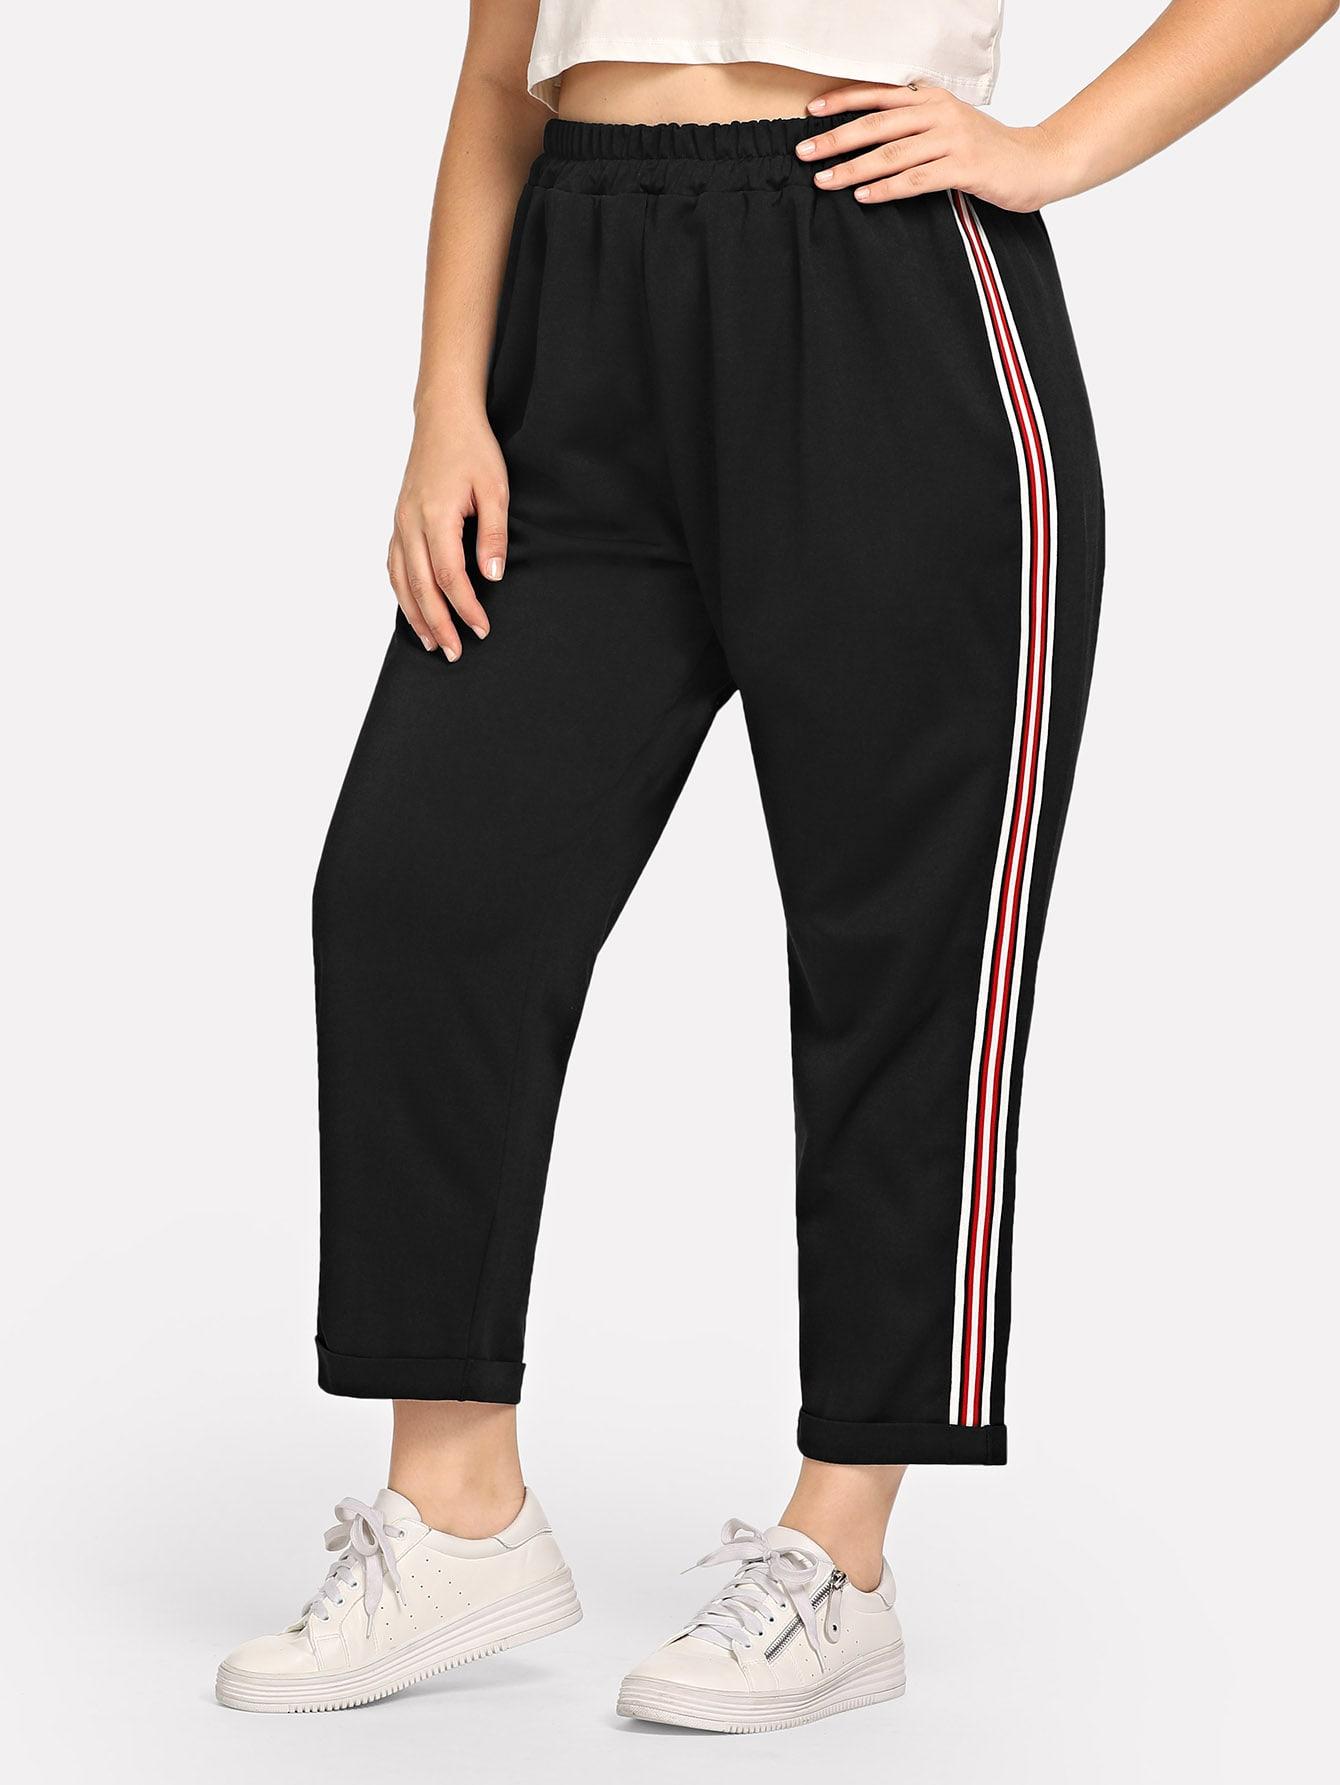 Купить Большие брюки с басоном эластичным и с полосами по обе стороны, Carol, SheIn